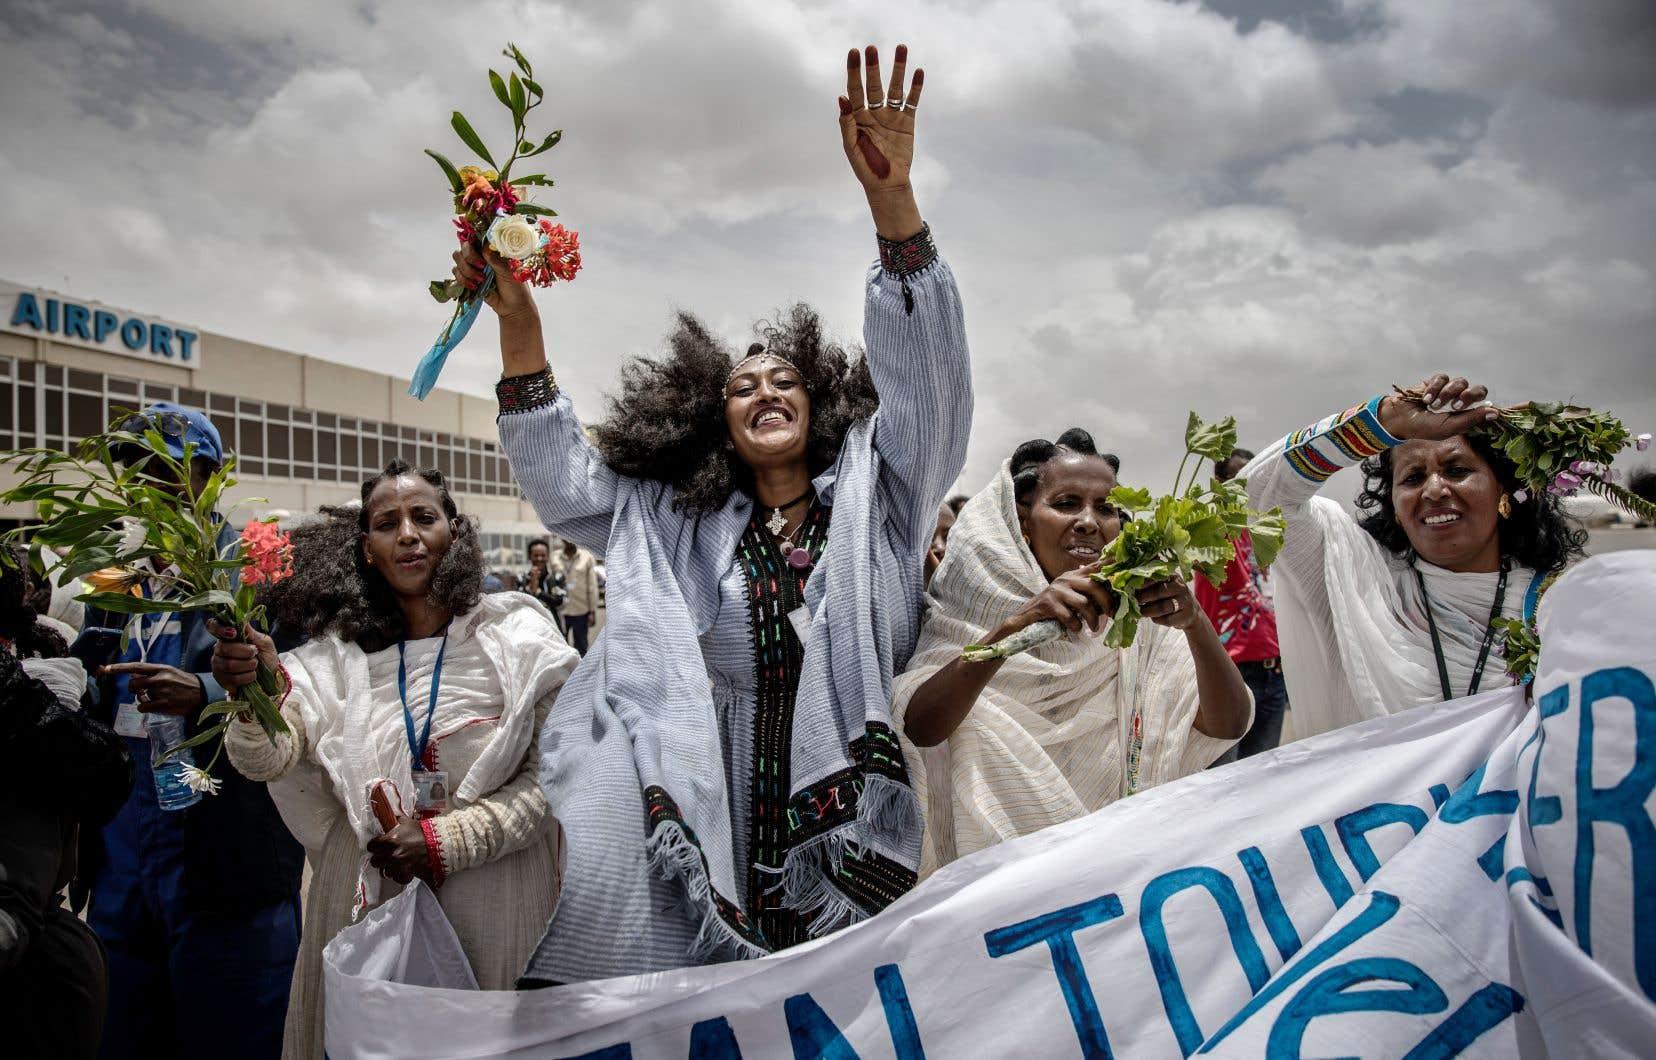 L'arrivée d'un premier vol à Asmara en provenance d'Addis-Abeba depuis la fin de la guerre entre l'Érythrée et l'Éthiopie, le 18juillet dernier, a donné lieu à de grands moments de réjouissances.